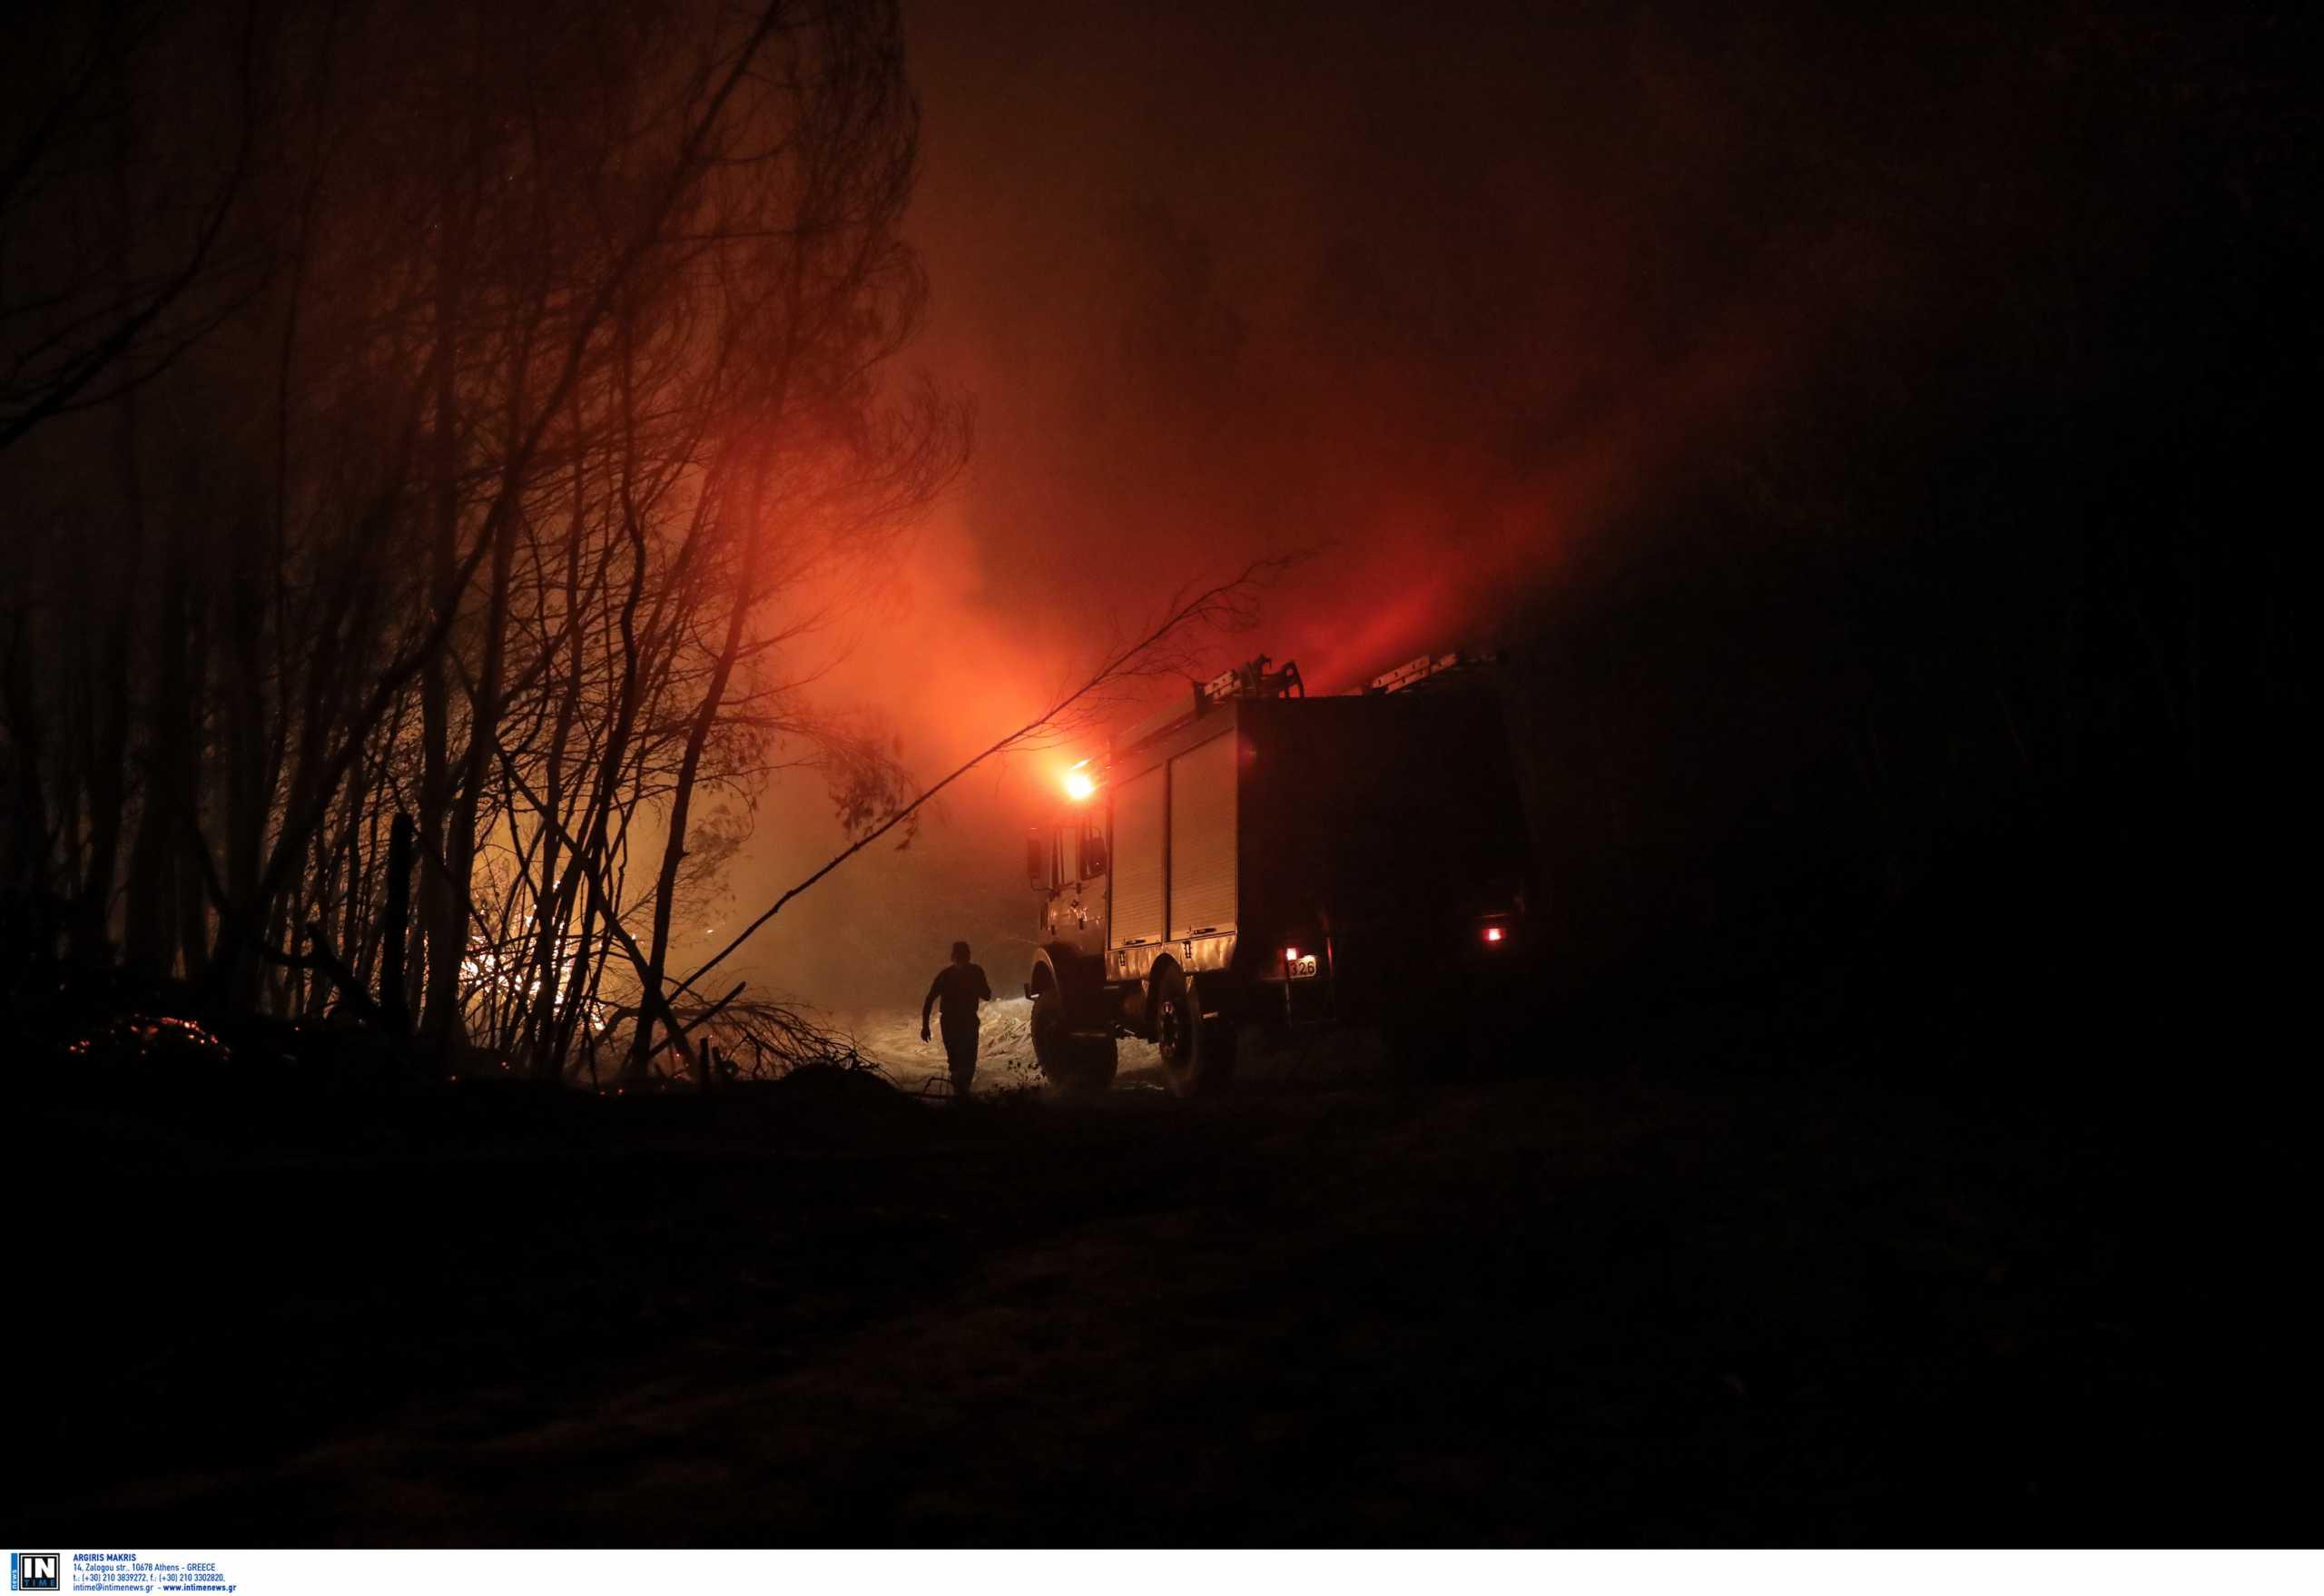 Κάρπαθος: Συνεχίζεται η μάχη με τις φλόγες - Έχει περιοριστεί η φωτιά σε μικρές εστίες